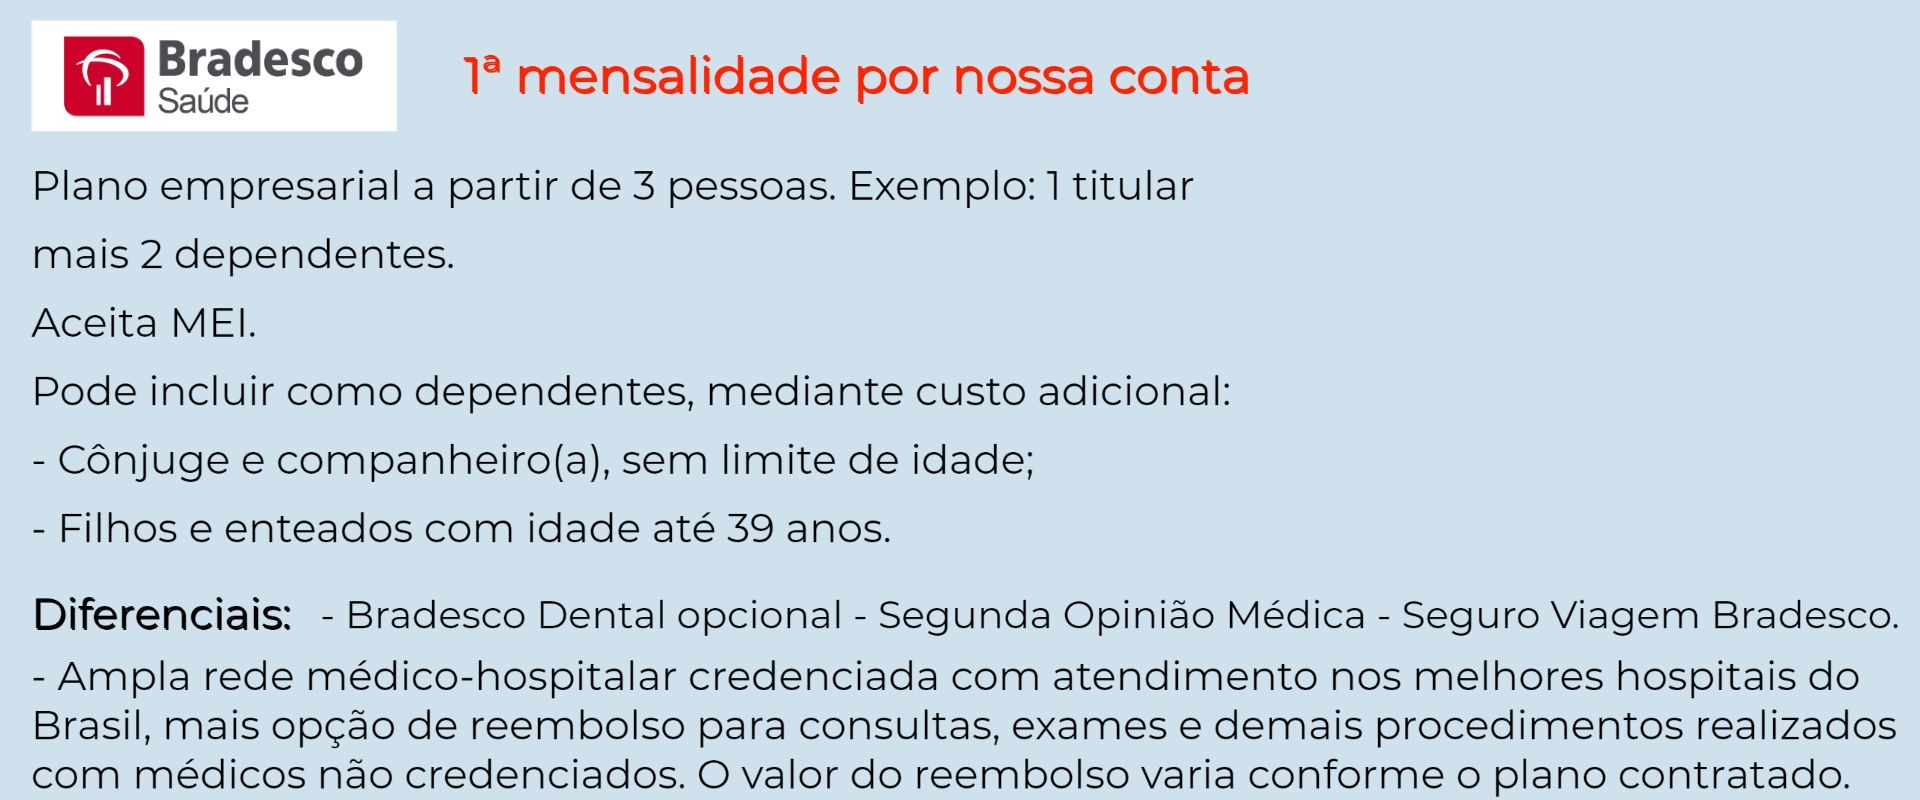 Bradesco Saúde Empresarial – Paranaíba